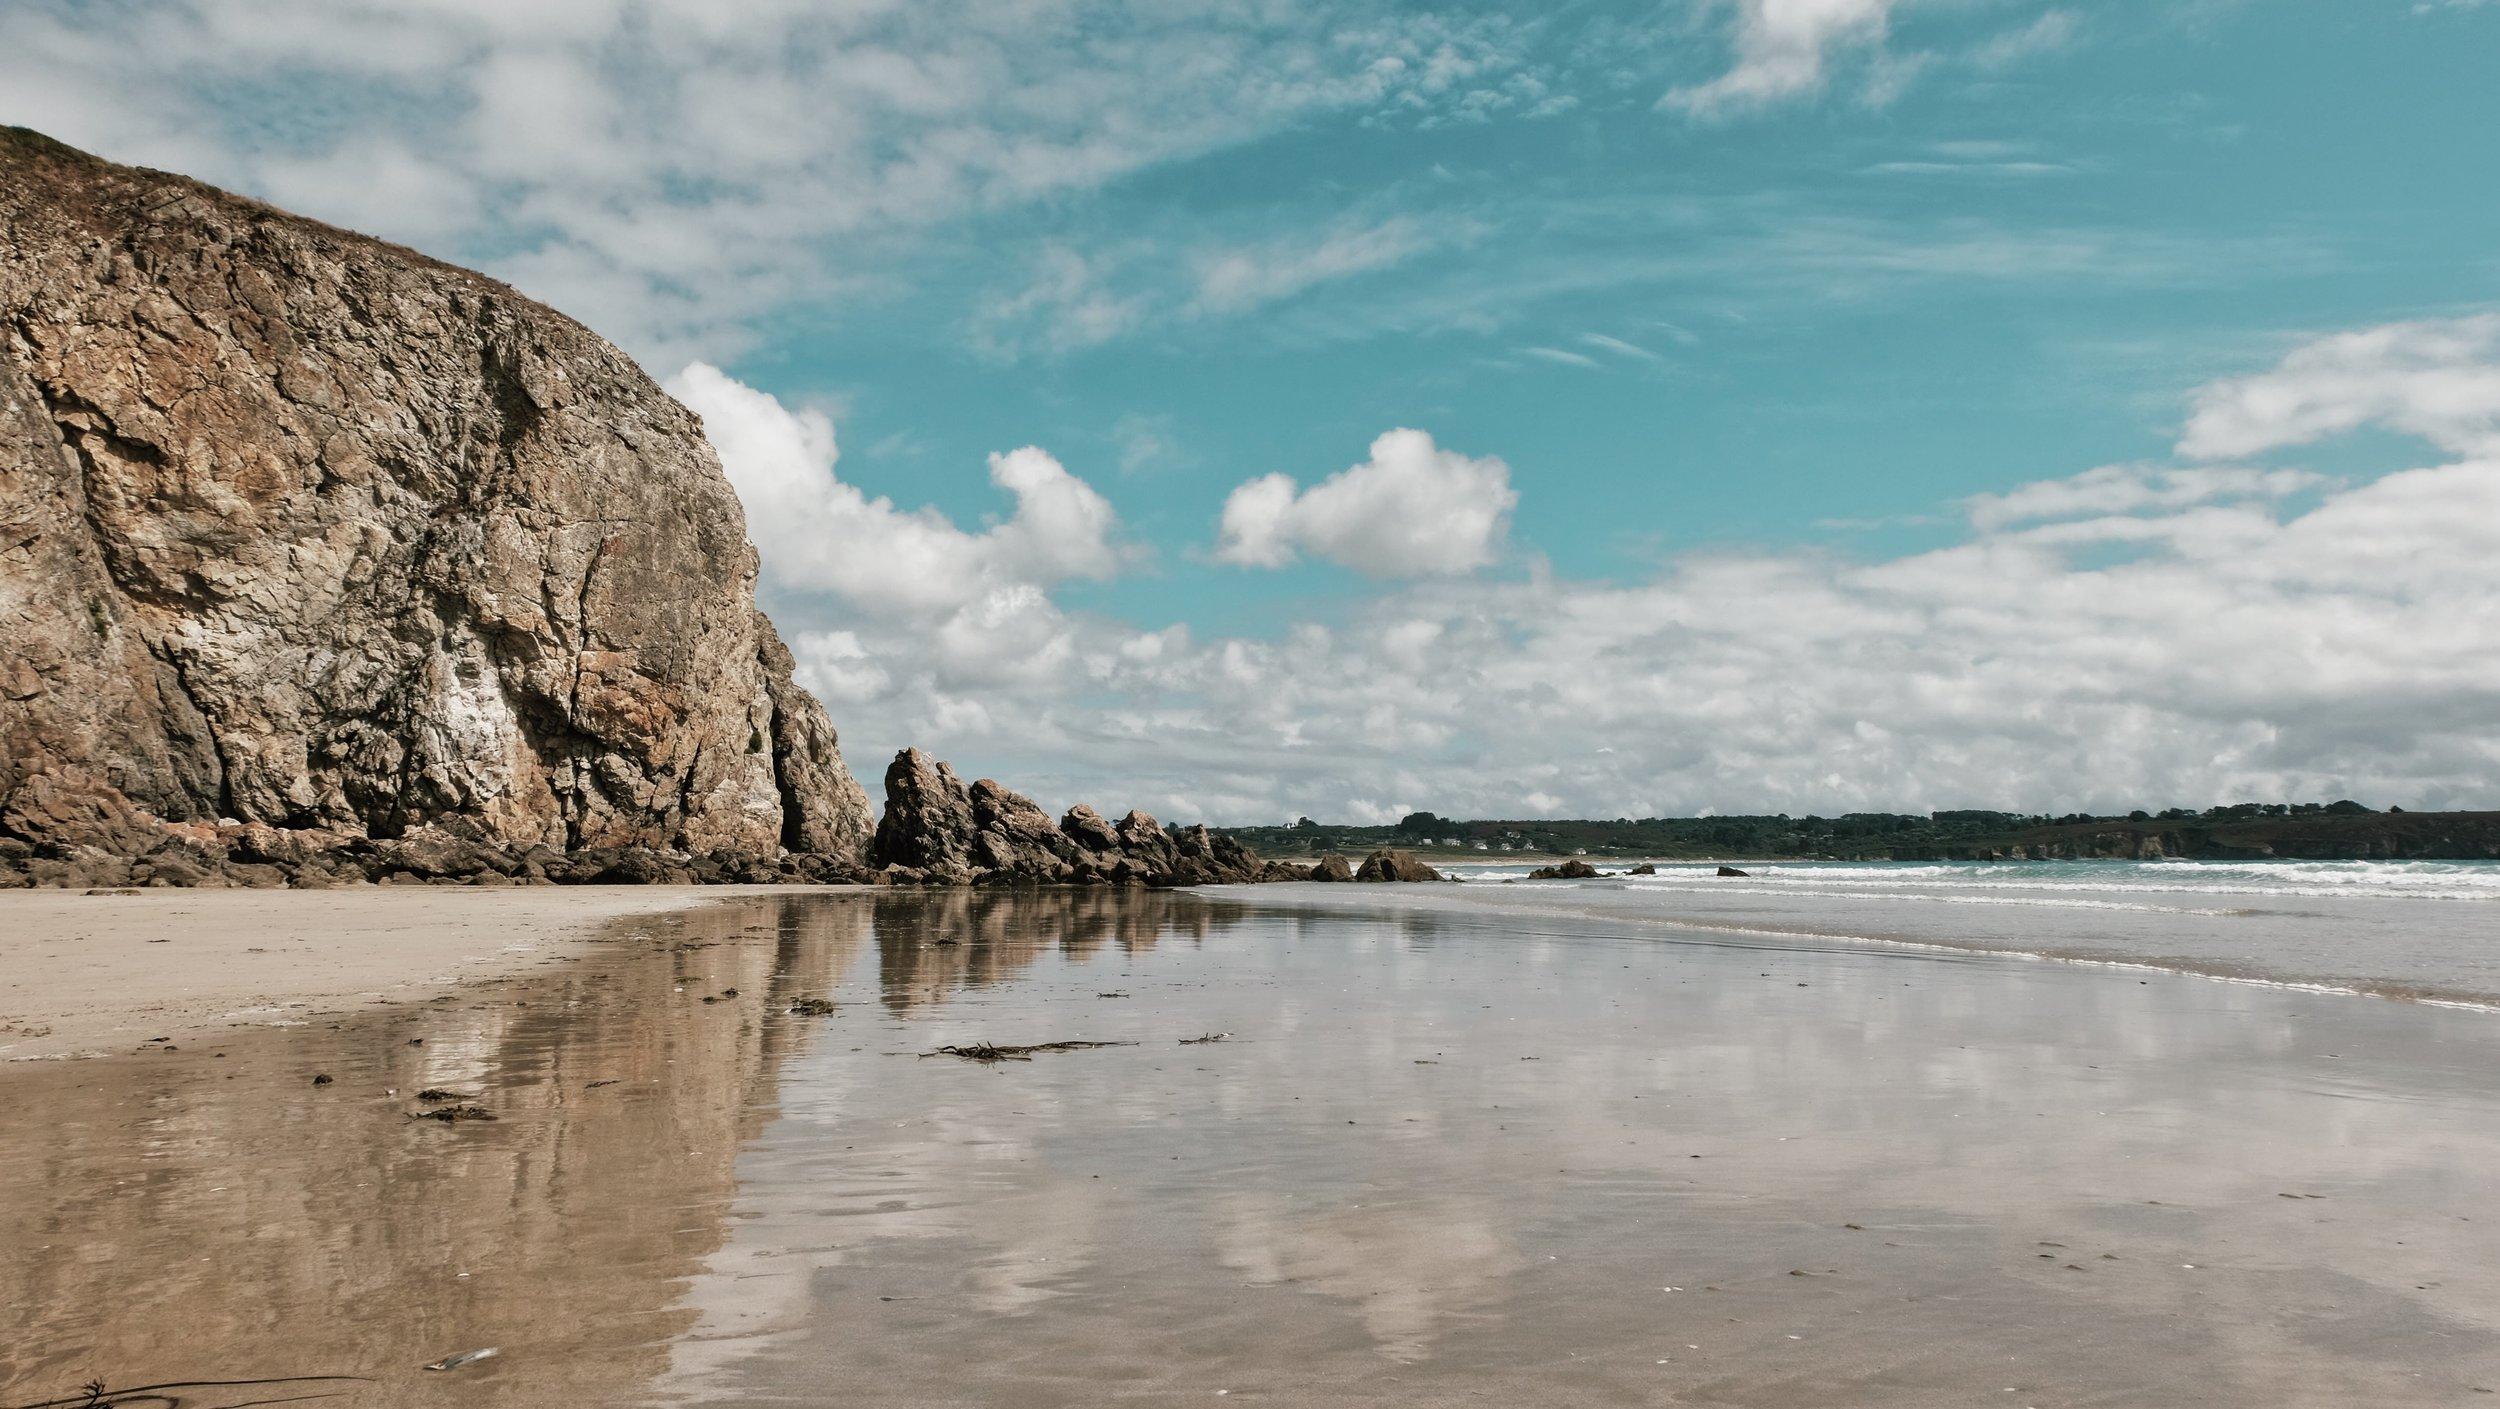 Carnet Sauvage - blog voyage Lille - visiter la Bretagne - presqu'ile de Crozon - plage de kerloch3.JPG